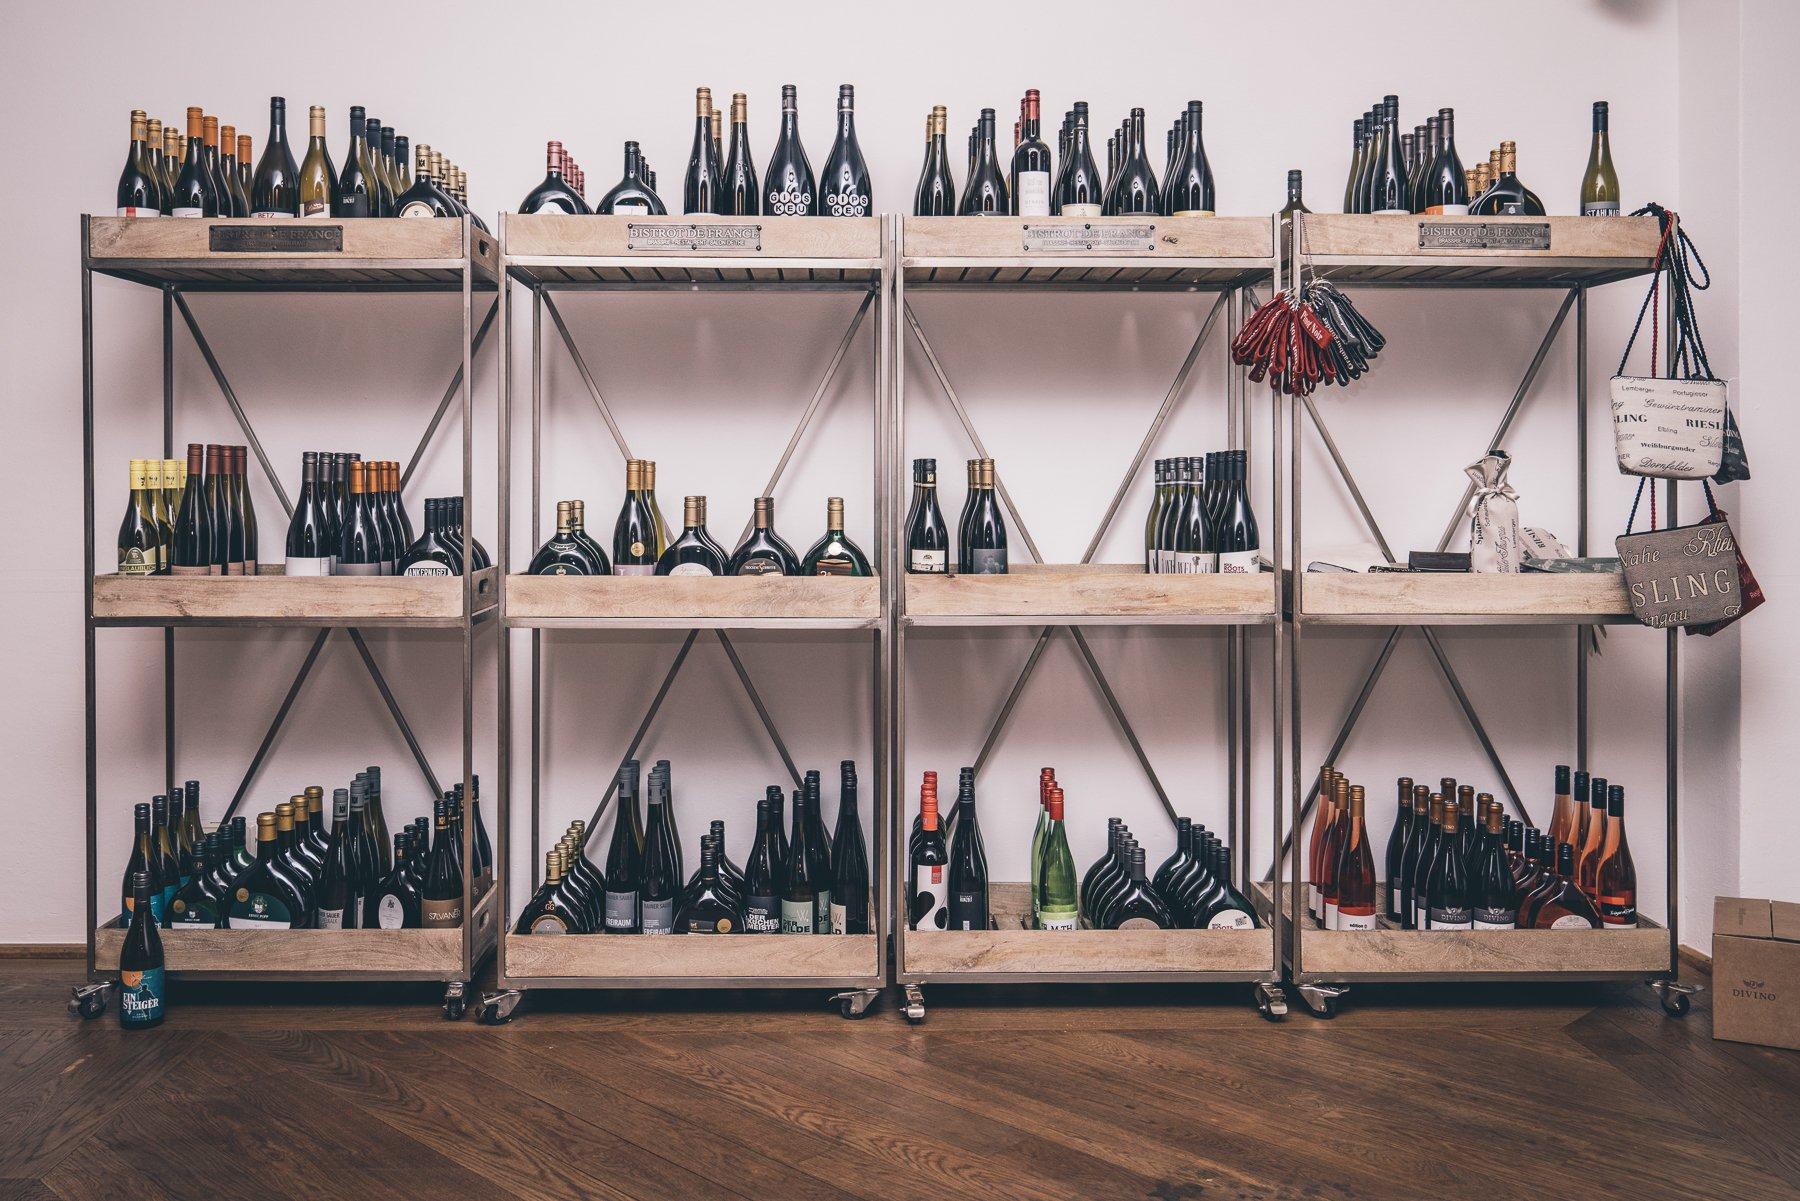 Geheimtippmuenchen Weinbar Lumpsteinundkuechenmeister4 – ©wunderland media GmbH